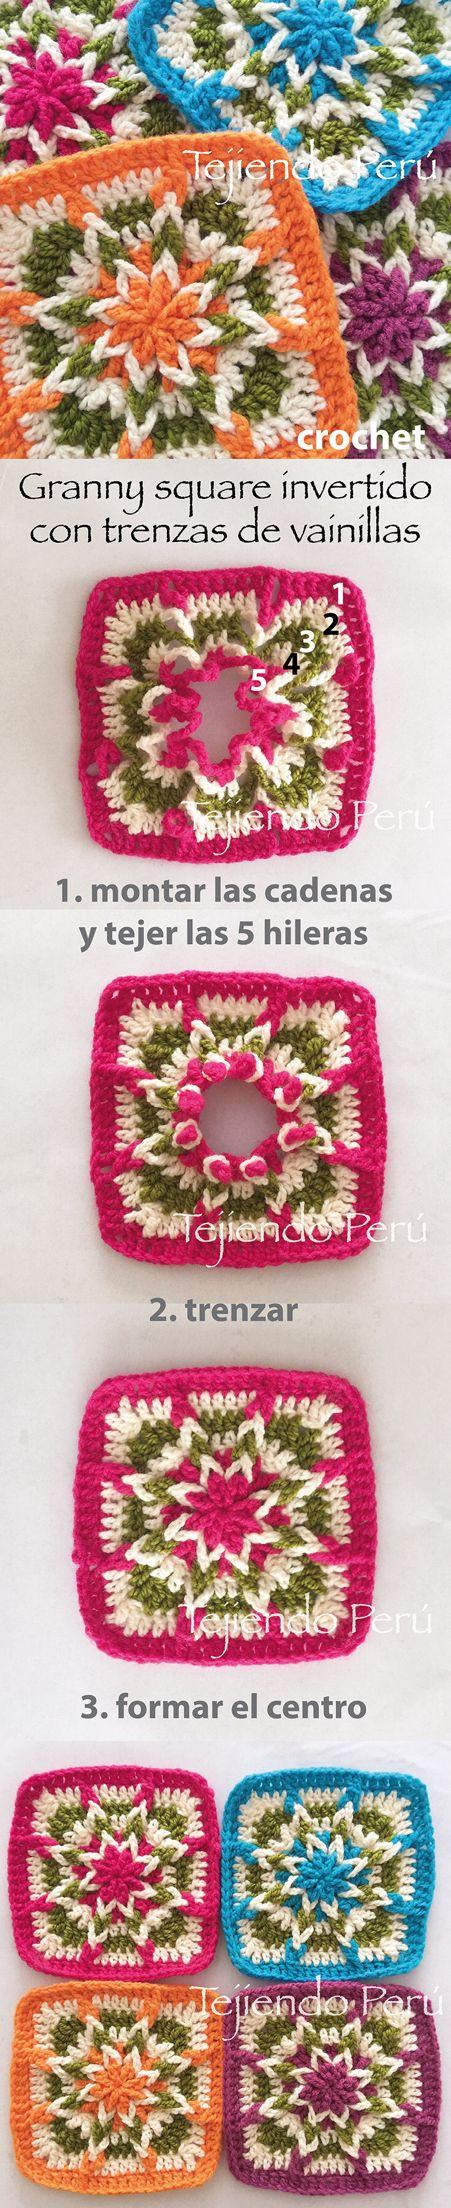 Crochet: granny square invertido!  Se empieza a tejer desde el borde y se termina en el centro formando una linda flor!  Vídeo tutorial del paso a paso ༺✿ƬⱤღ✿༻